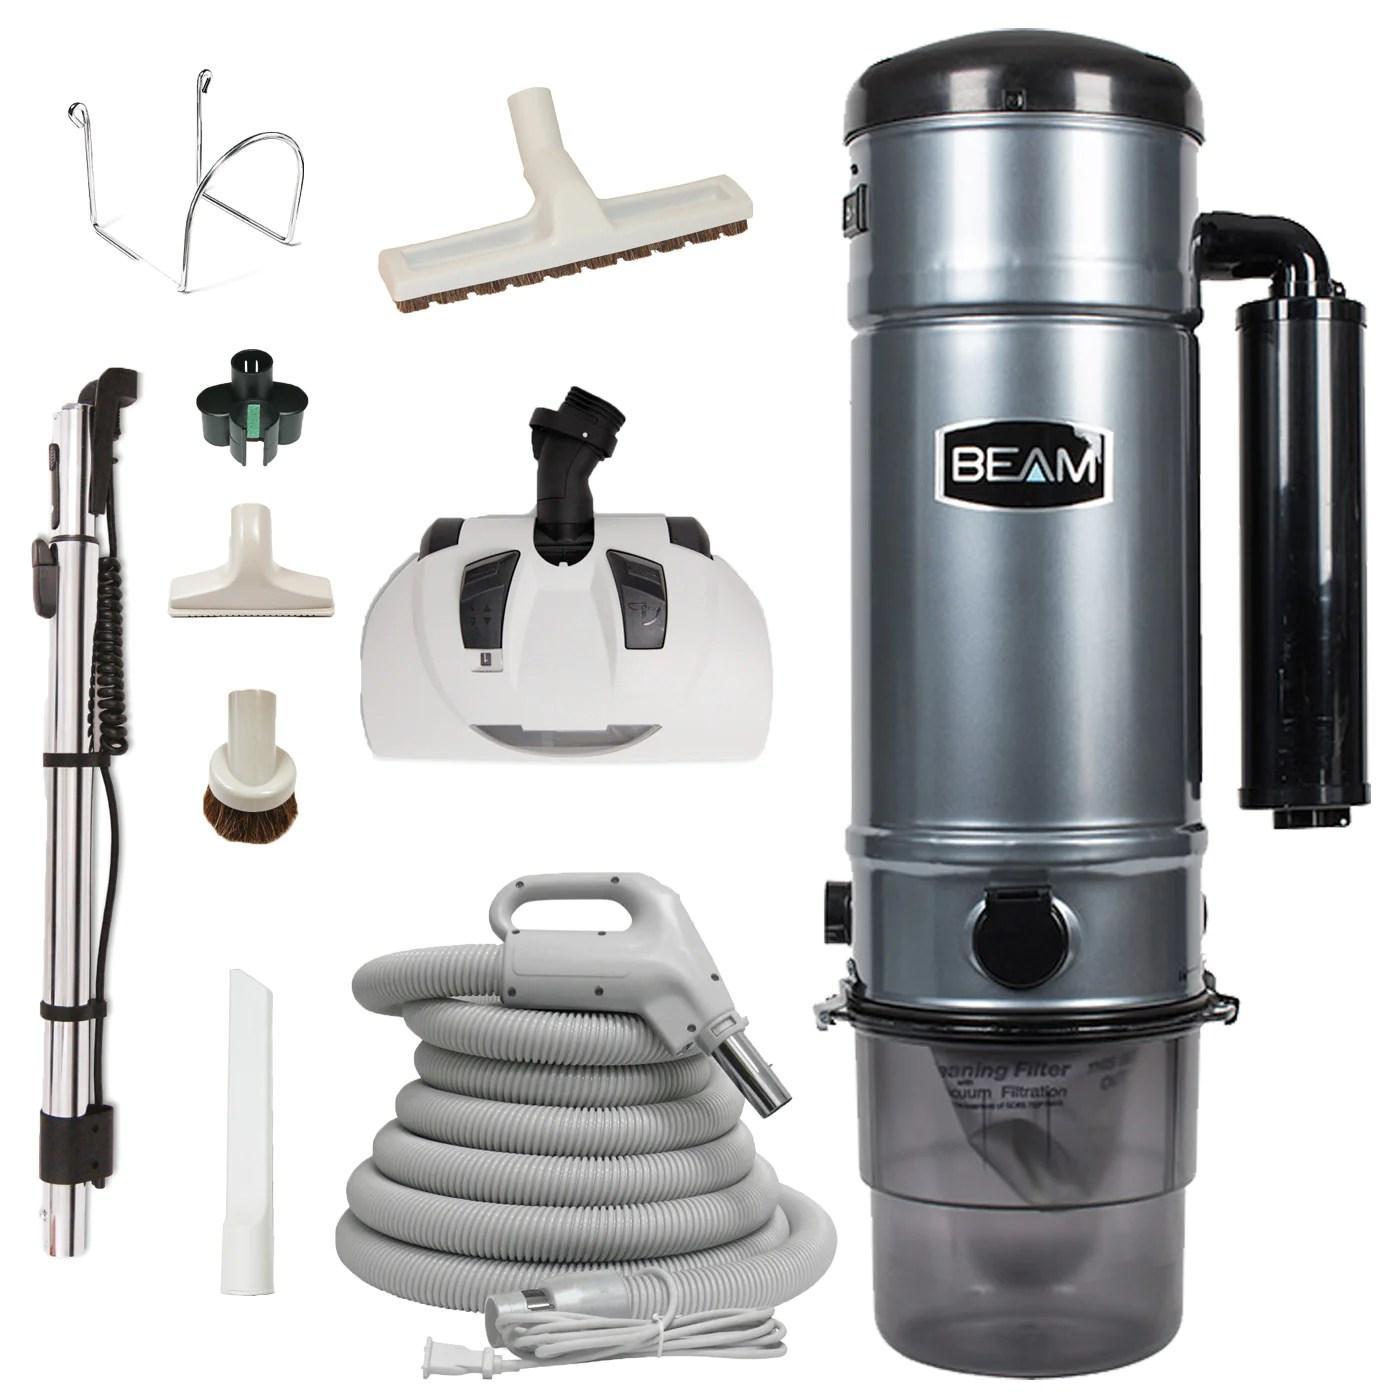 beam 375d wessel werk ebk360 central vacuum package [ 1400 x 1400 Pixel ]